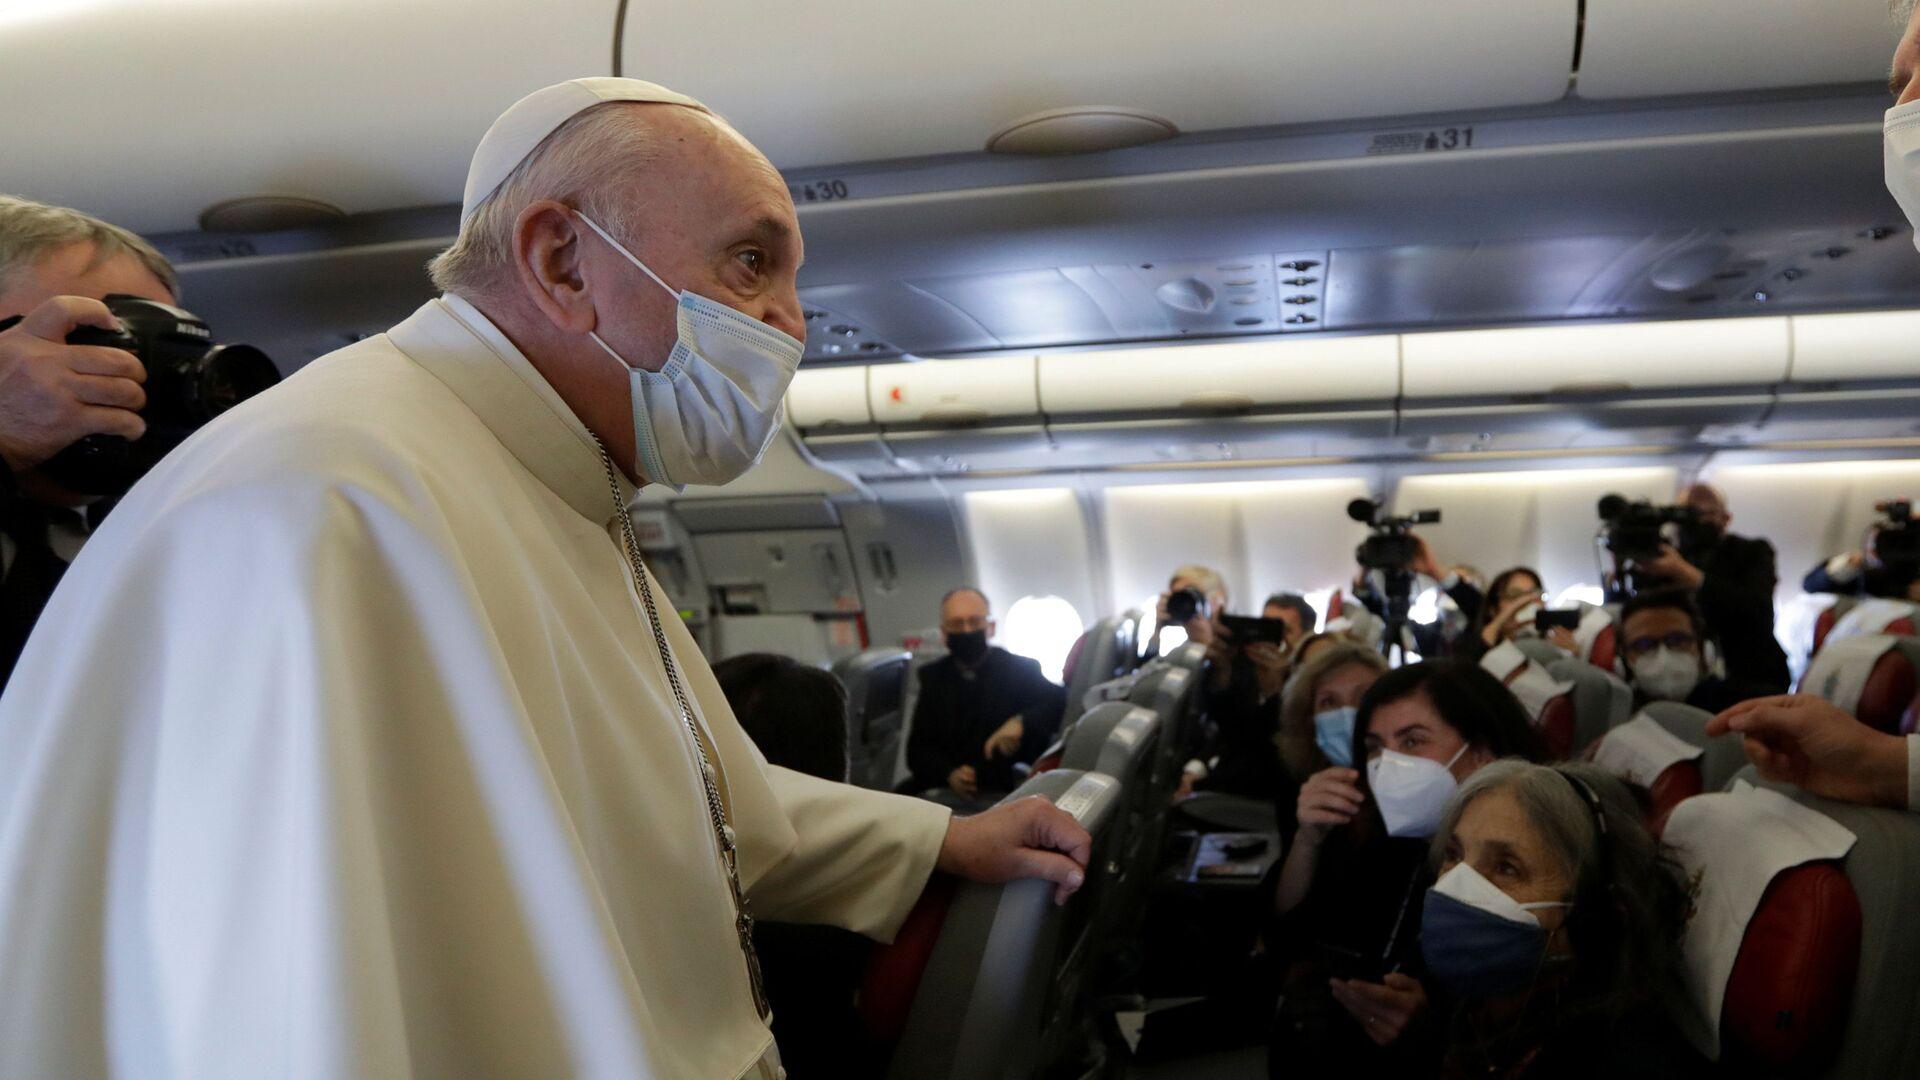 Il Papa Francesco arriva a Baghdad nella prima visita internazionale durante la crisi pandemica - Sputnik Italia, 1920, 06.07.2021